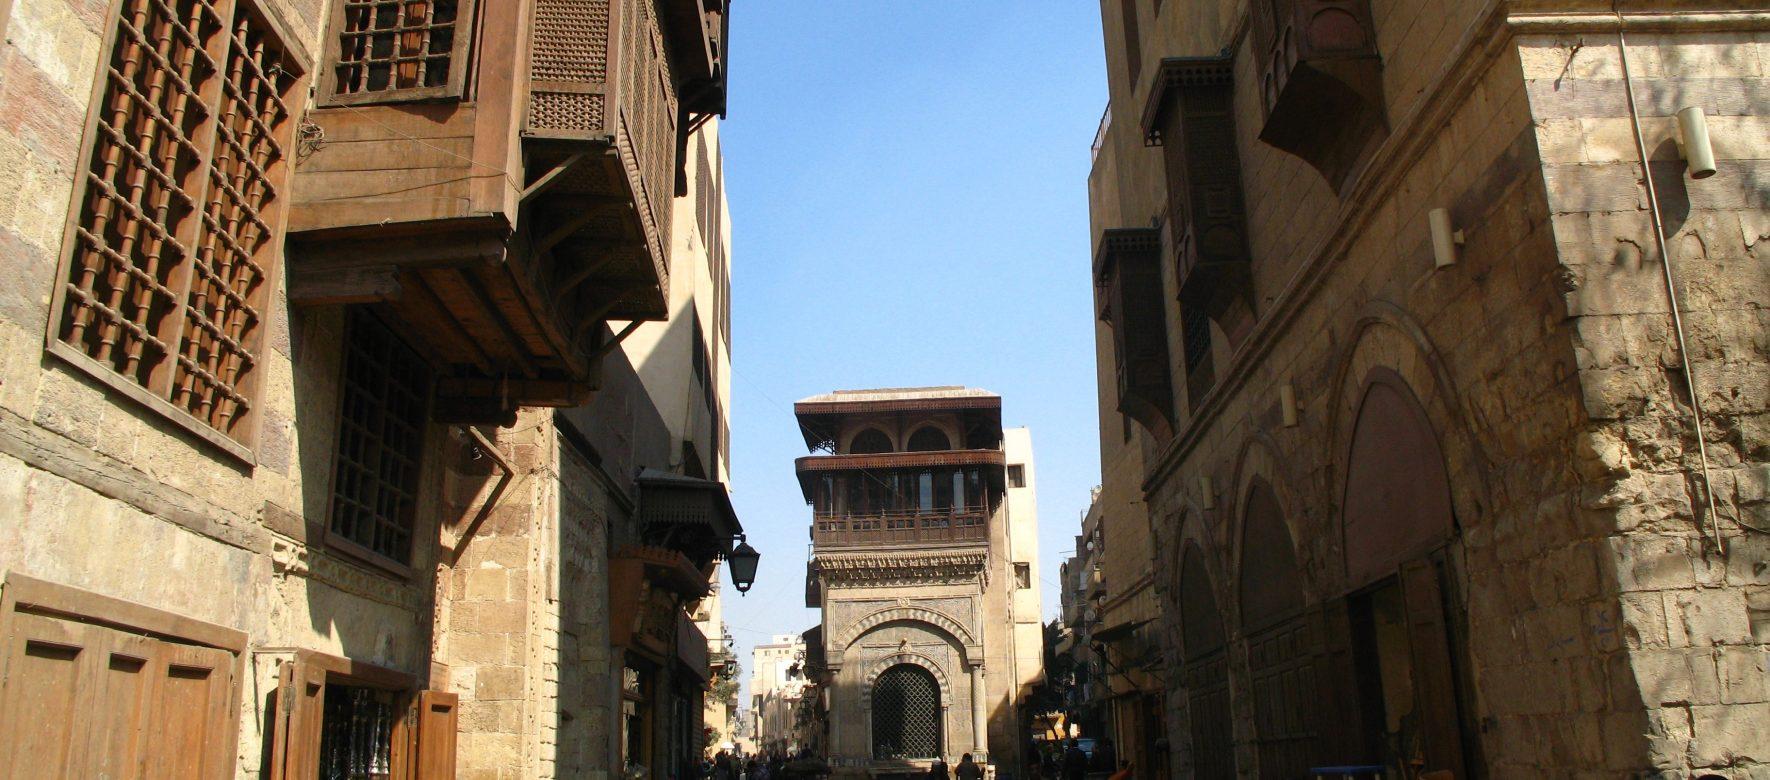 Une forte croissance pour le secteur immobilier en Égypte